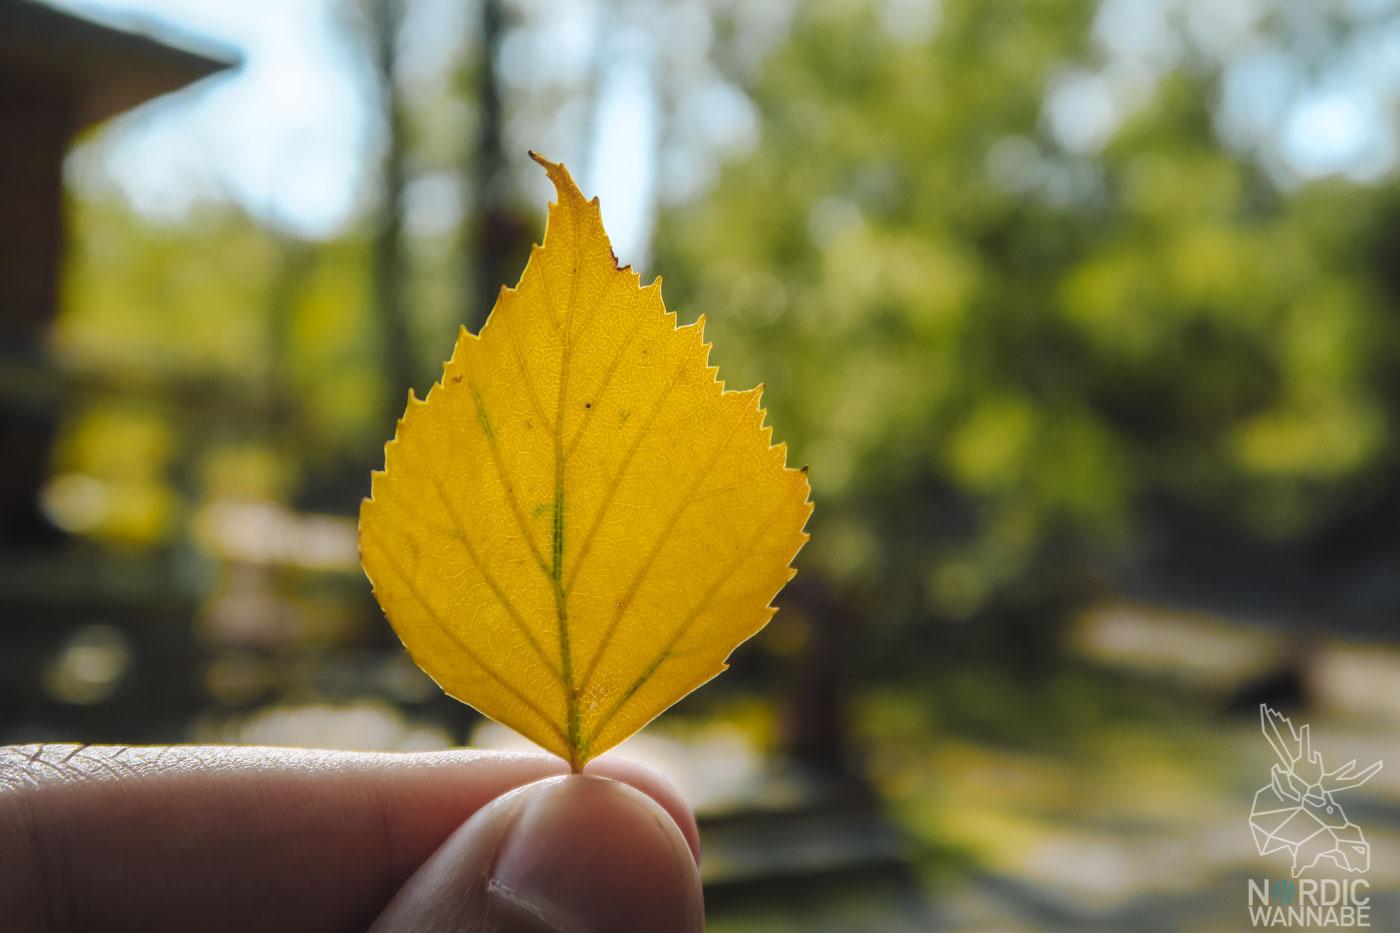 Finnland, Sommer, Blog, Herbst